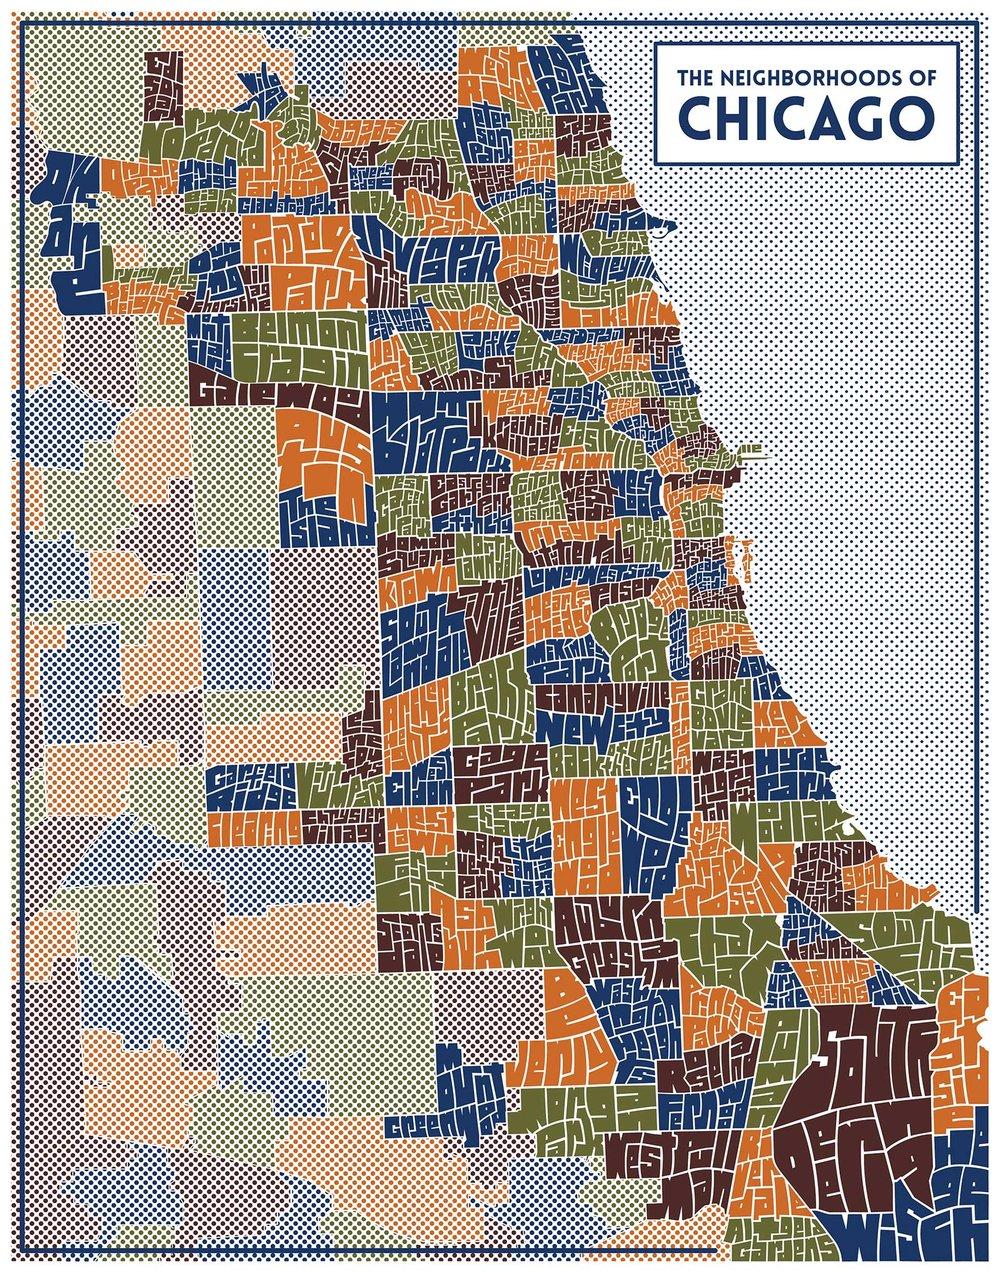 Chicago Typography Neighborhood Map